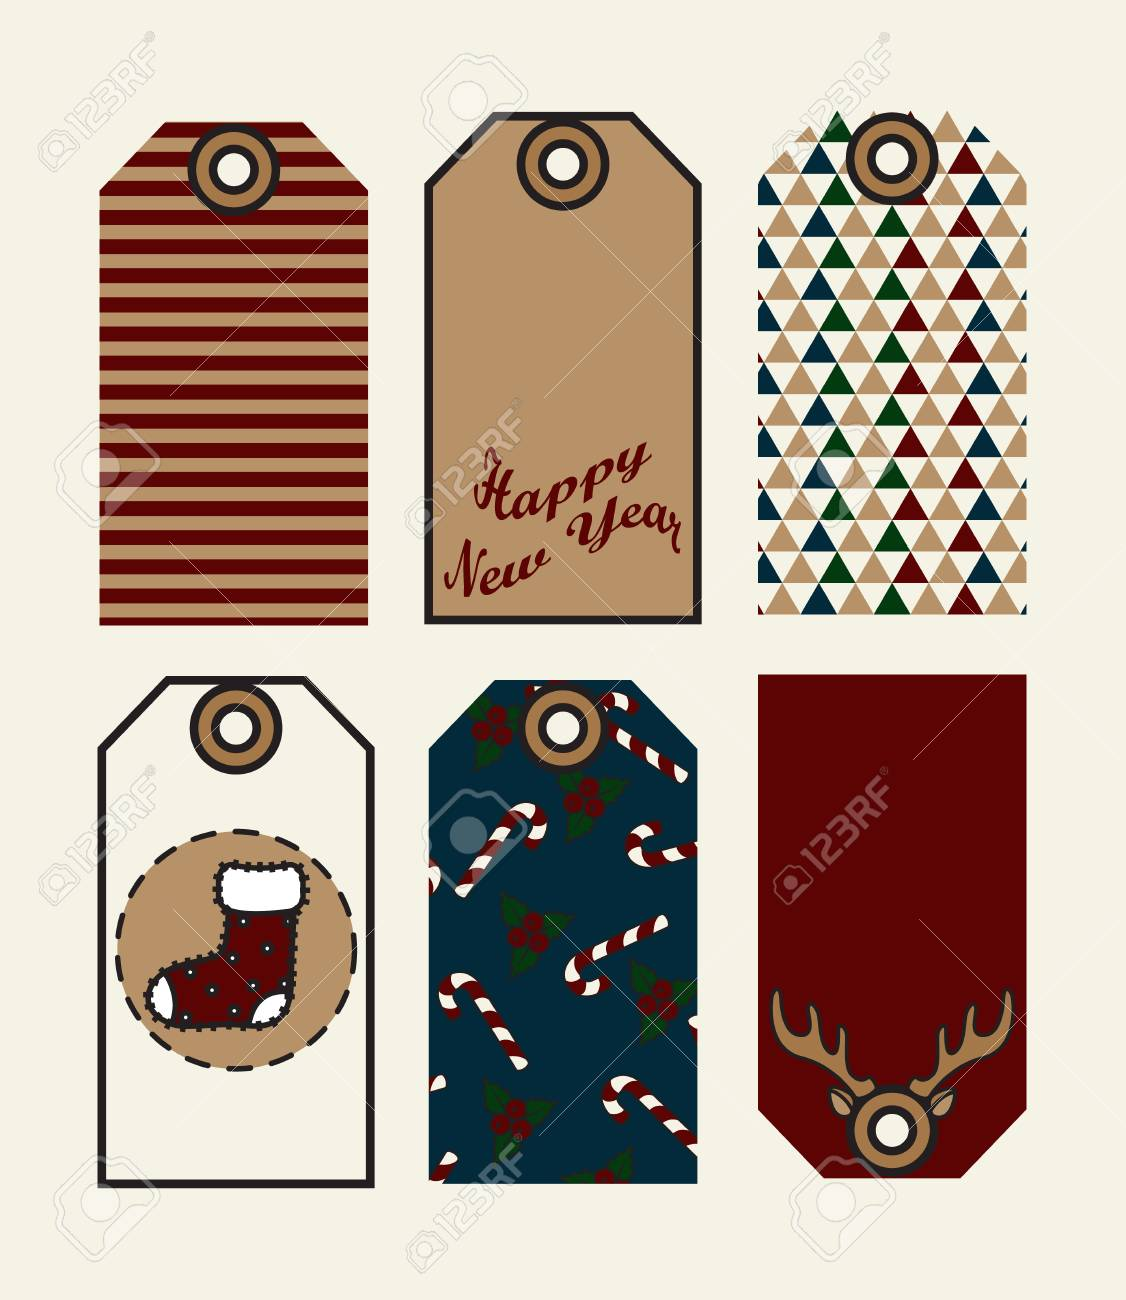 ilustración de etiquetas de regalo de navidad lindas etiquetas para